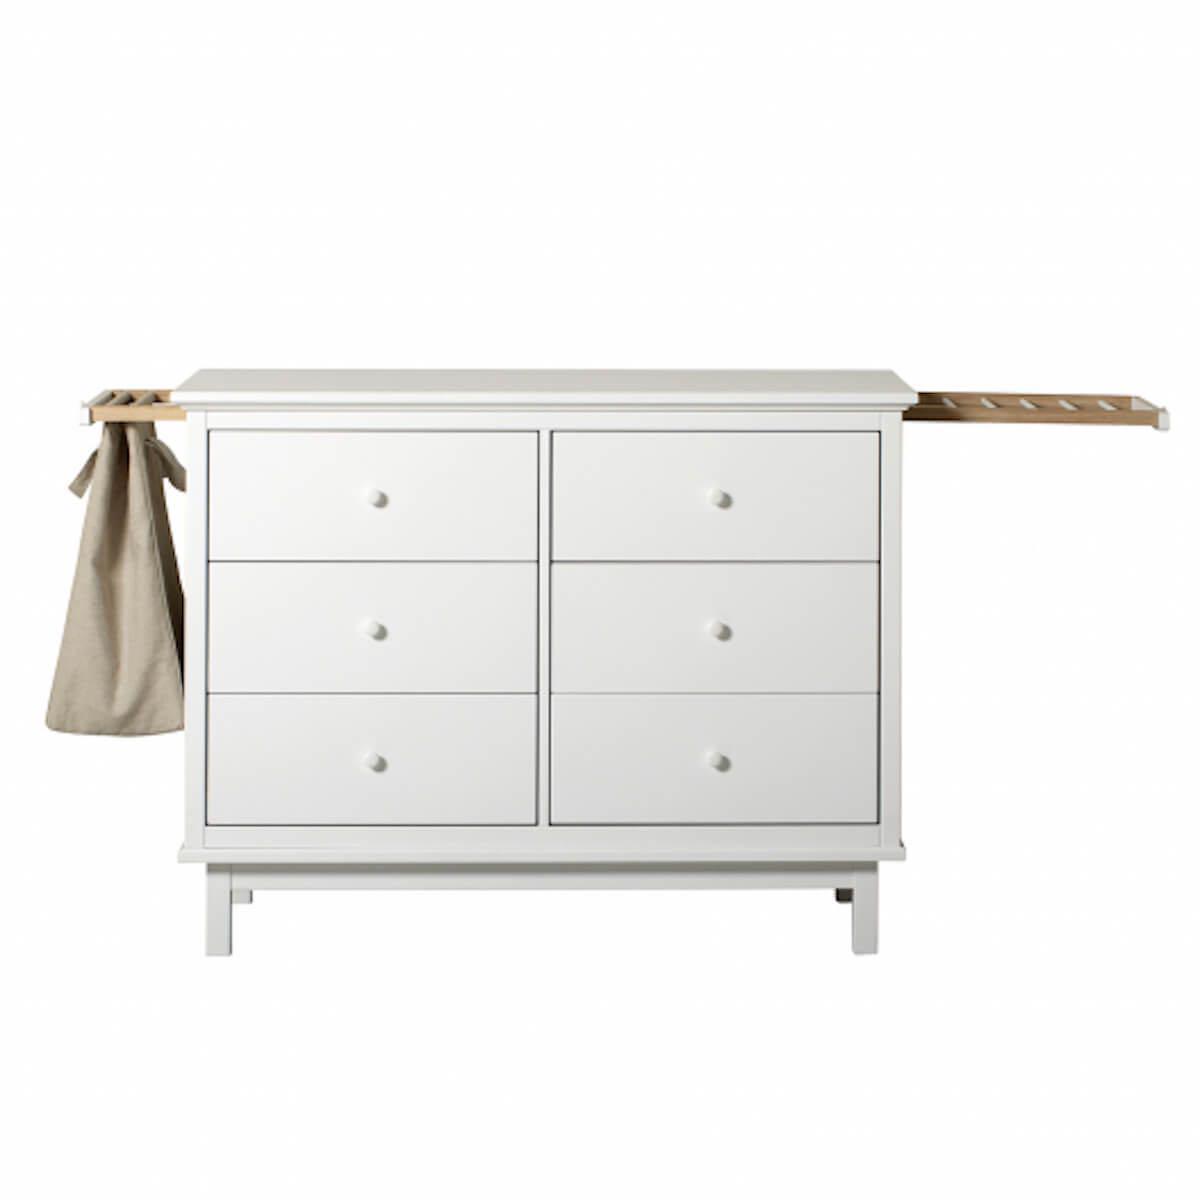 2 supports coulissants-sac à linge SEASIDE Oliver Furniture